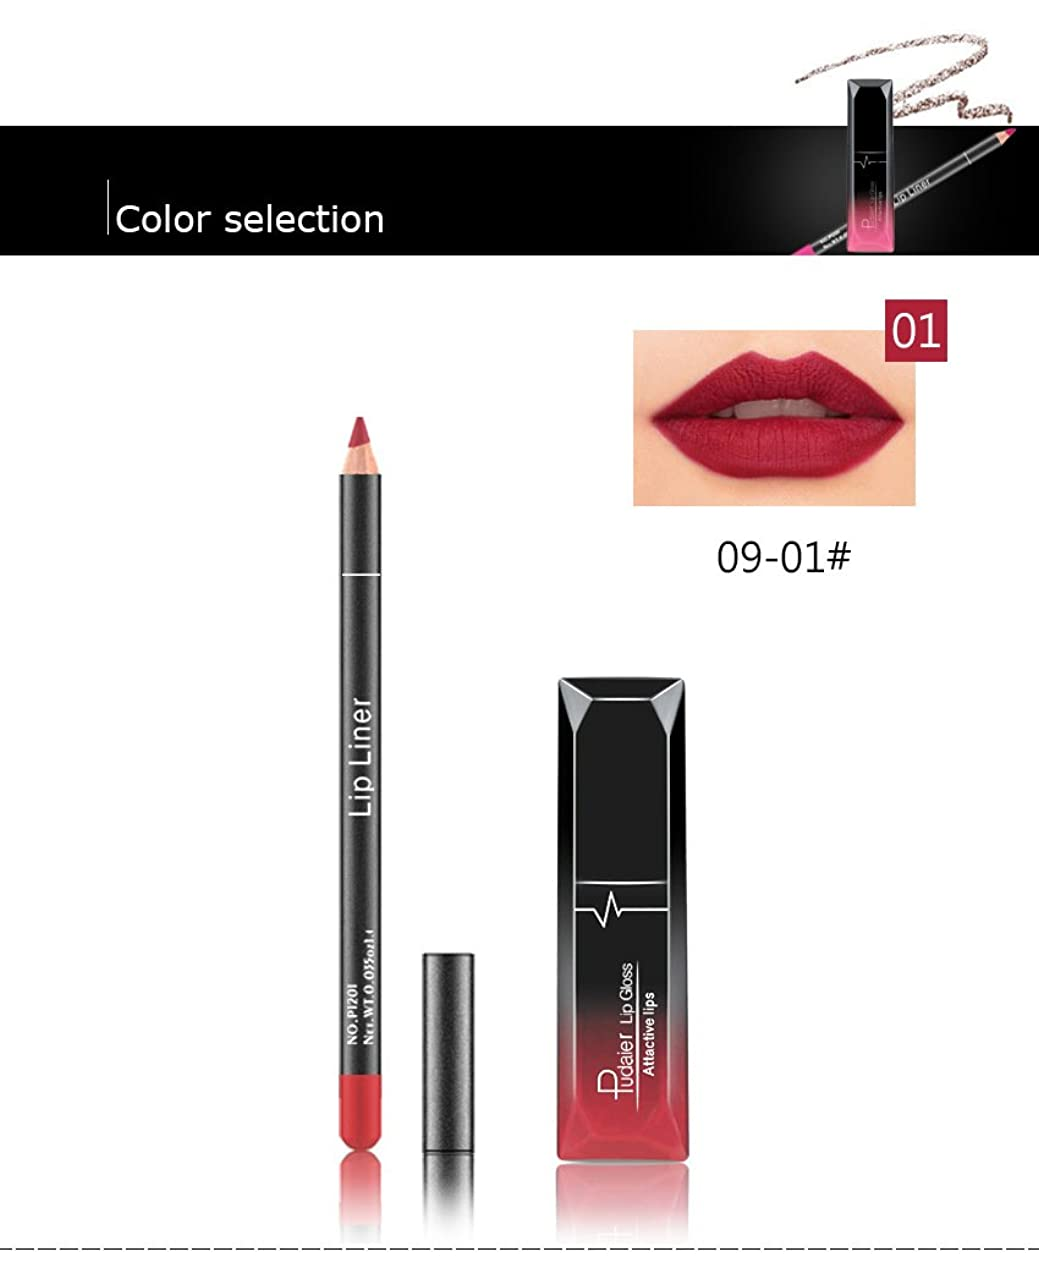 建設勝者少年(01) Pudaier 1pc Matte Liquid Lipstick Cosmetic Lip Kit+ 1 Pc Nude Lip Liner Pencil MakeUp Set Waterproof Long Lasting Lipstick Gfit